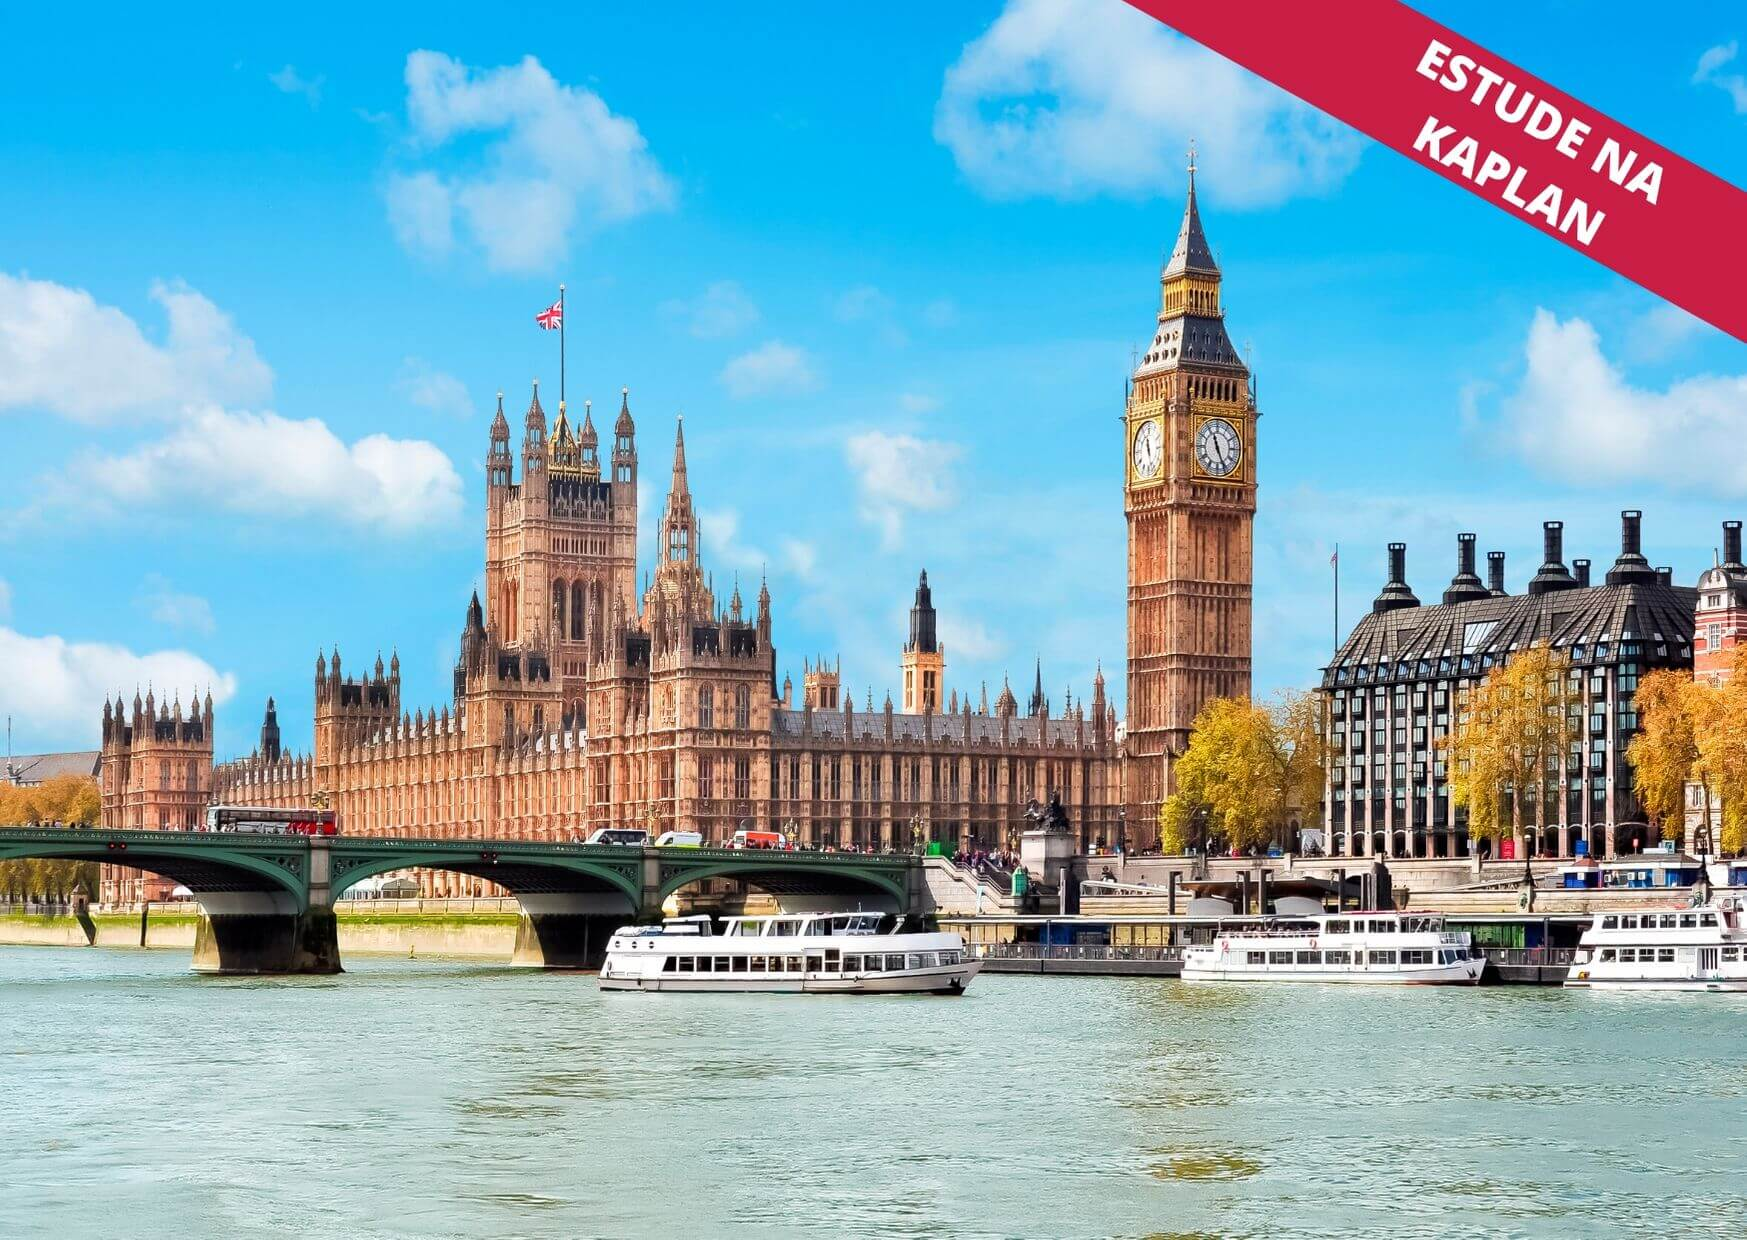 Estude inglês em Londres